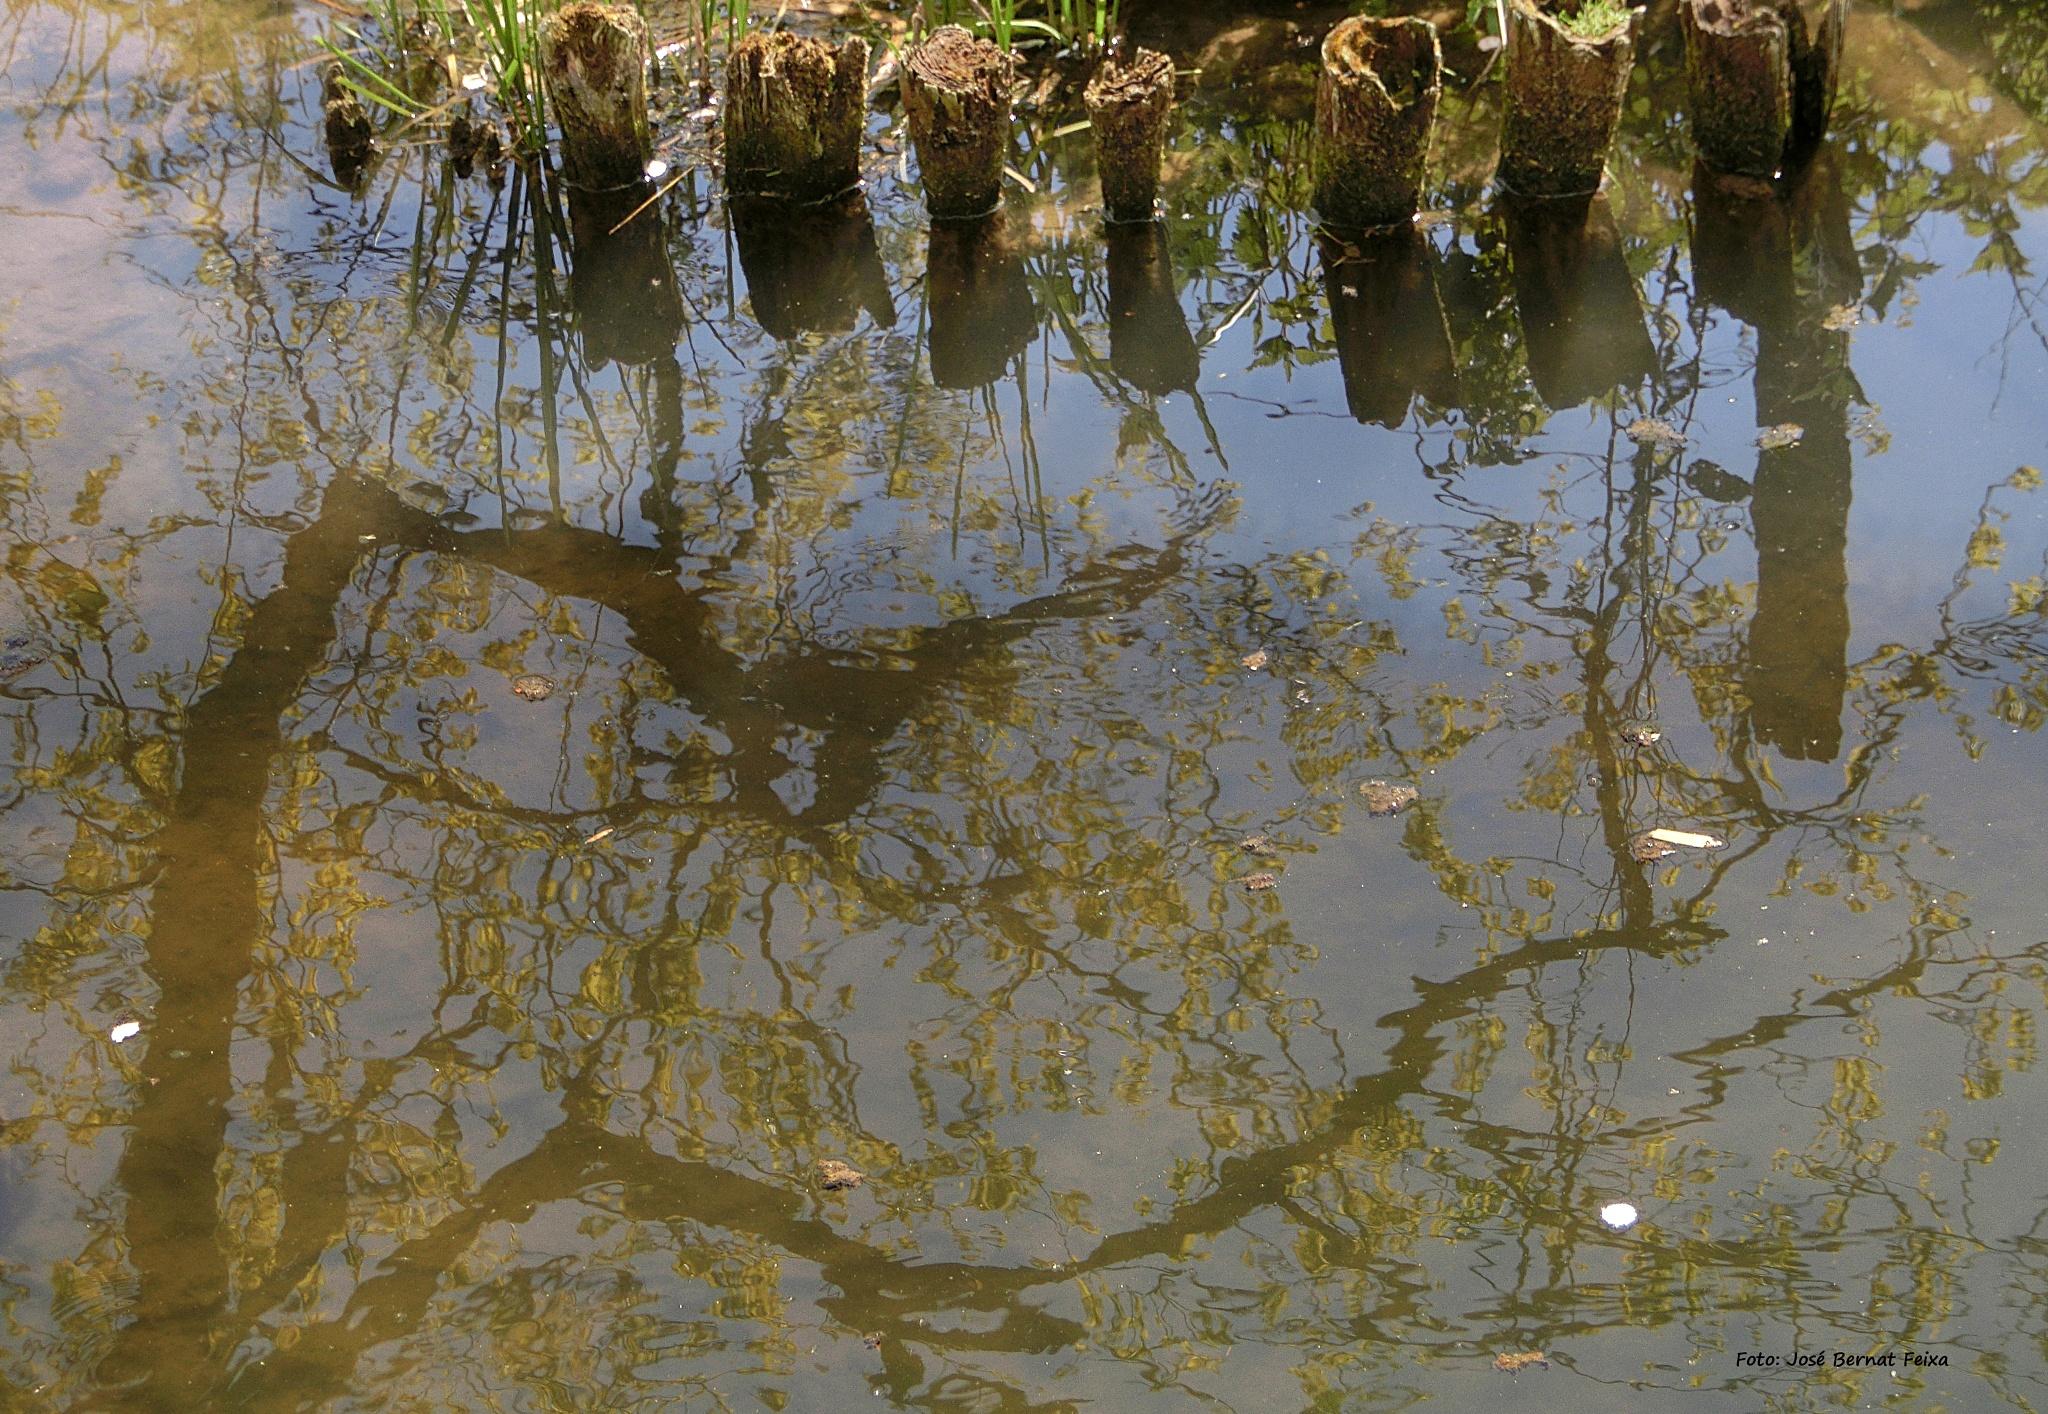 REFLEJOS EN EL AGUA, WATERSPIEGELING, WATER REFLECTION by José Bernat Feixa